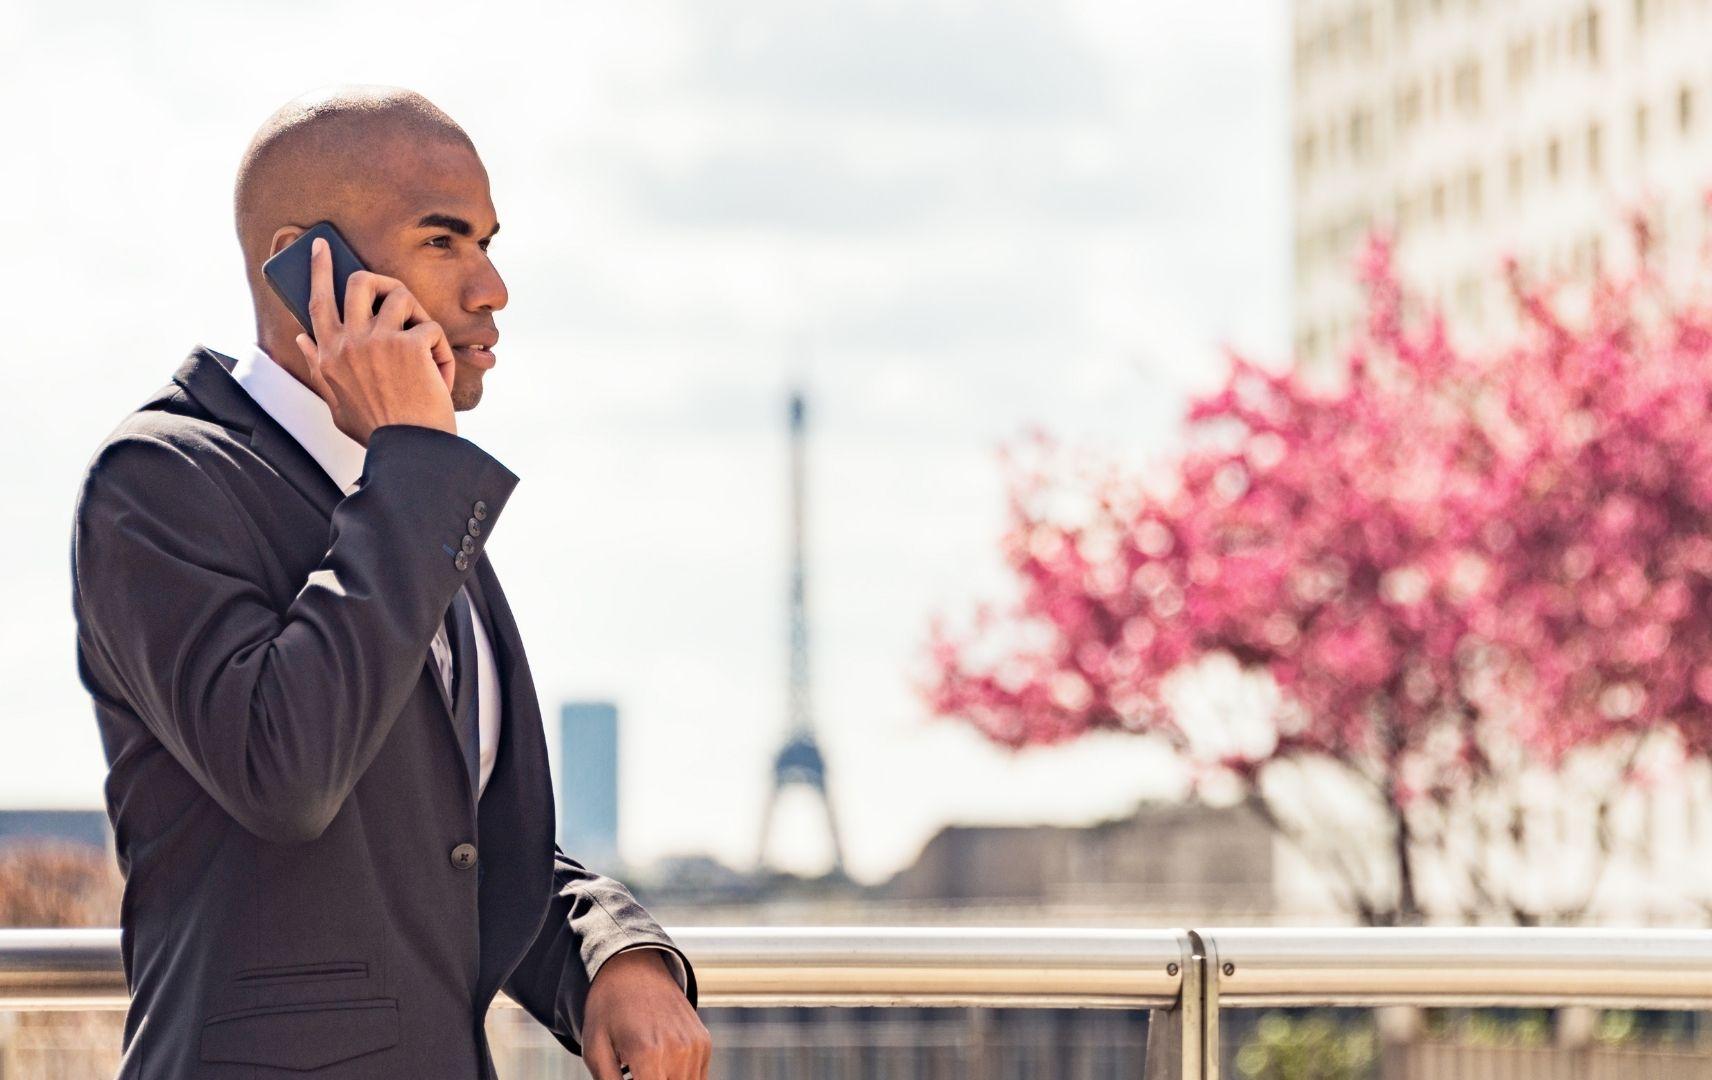 Business Mann in Paris am telefonieren